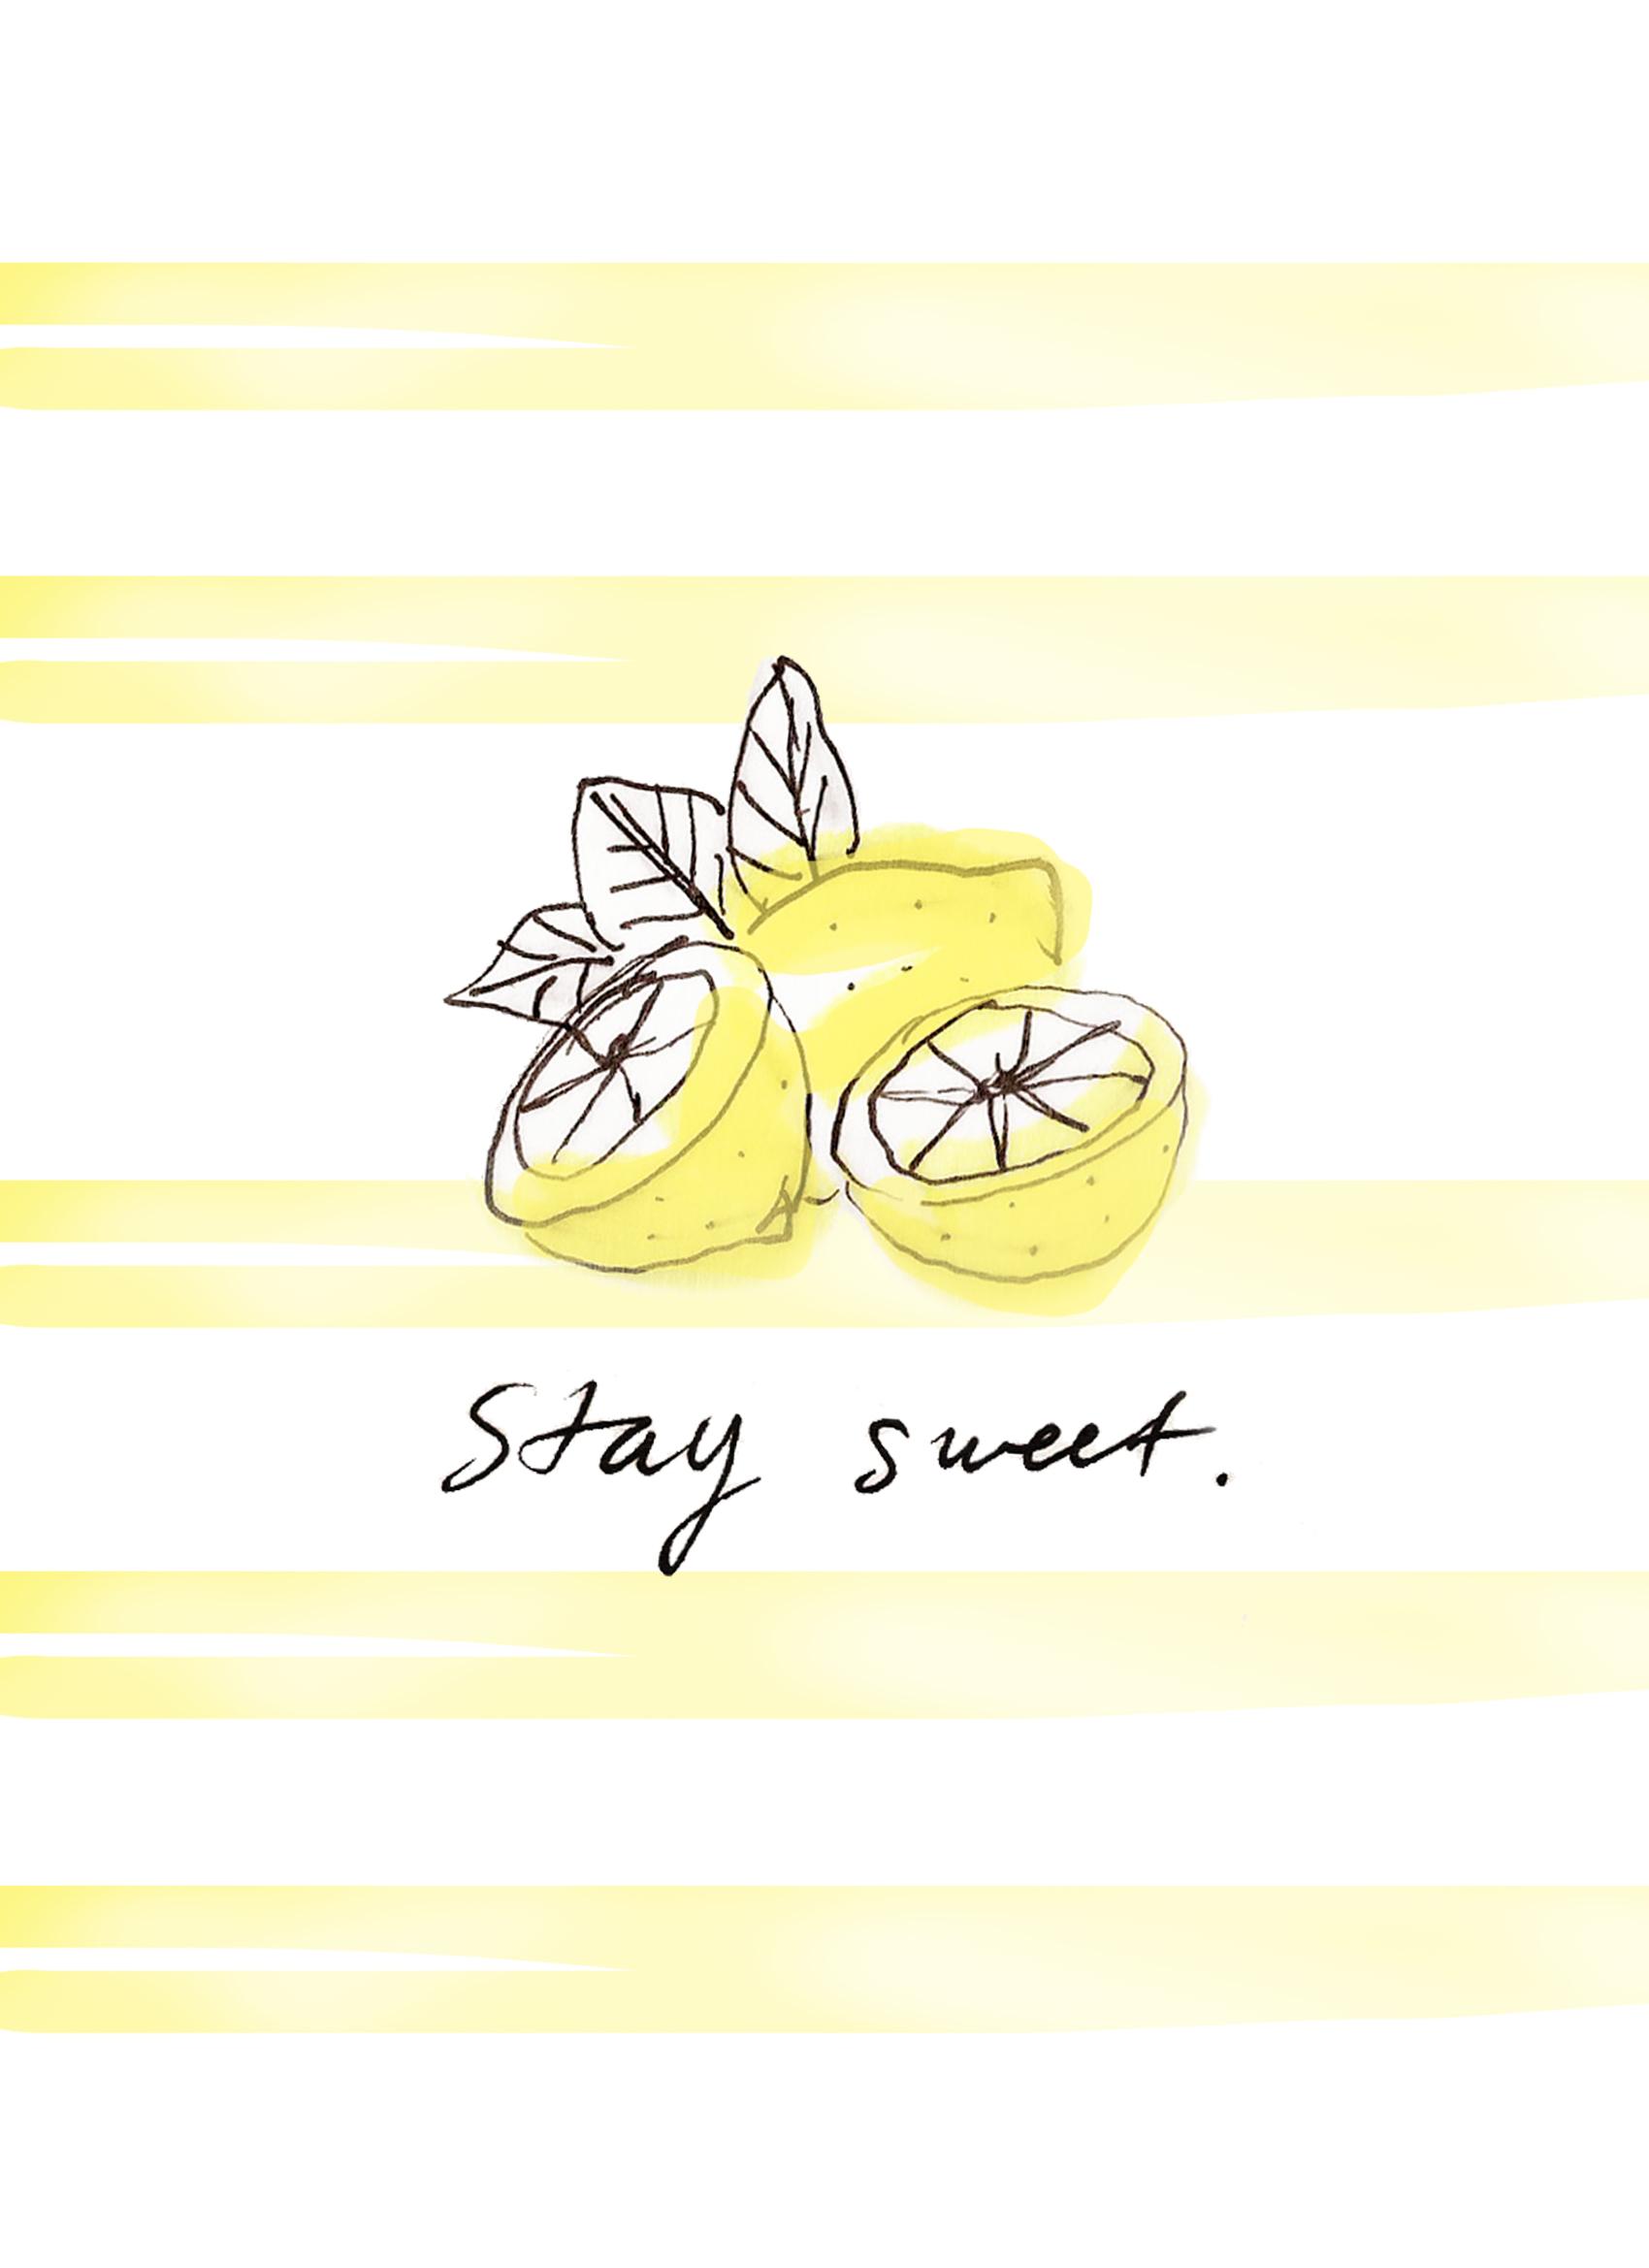 staysweet_stripes.jpg